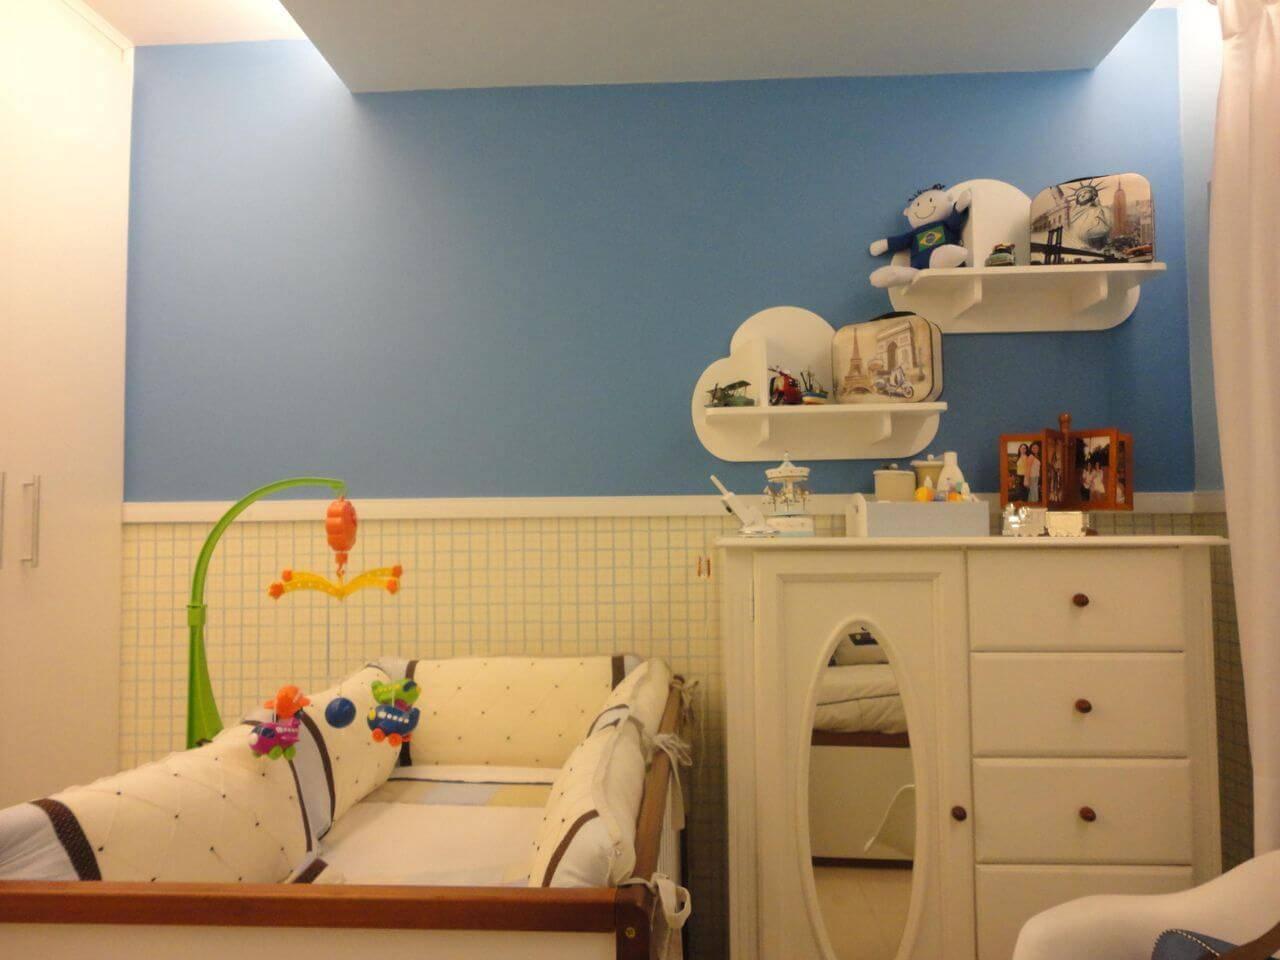 comoda quarto de bebe pequeno maria helena torres 101140